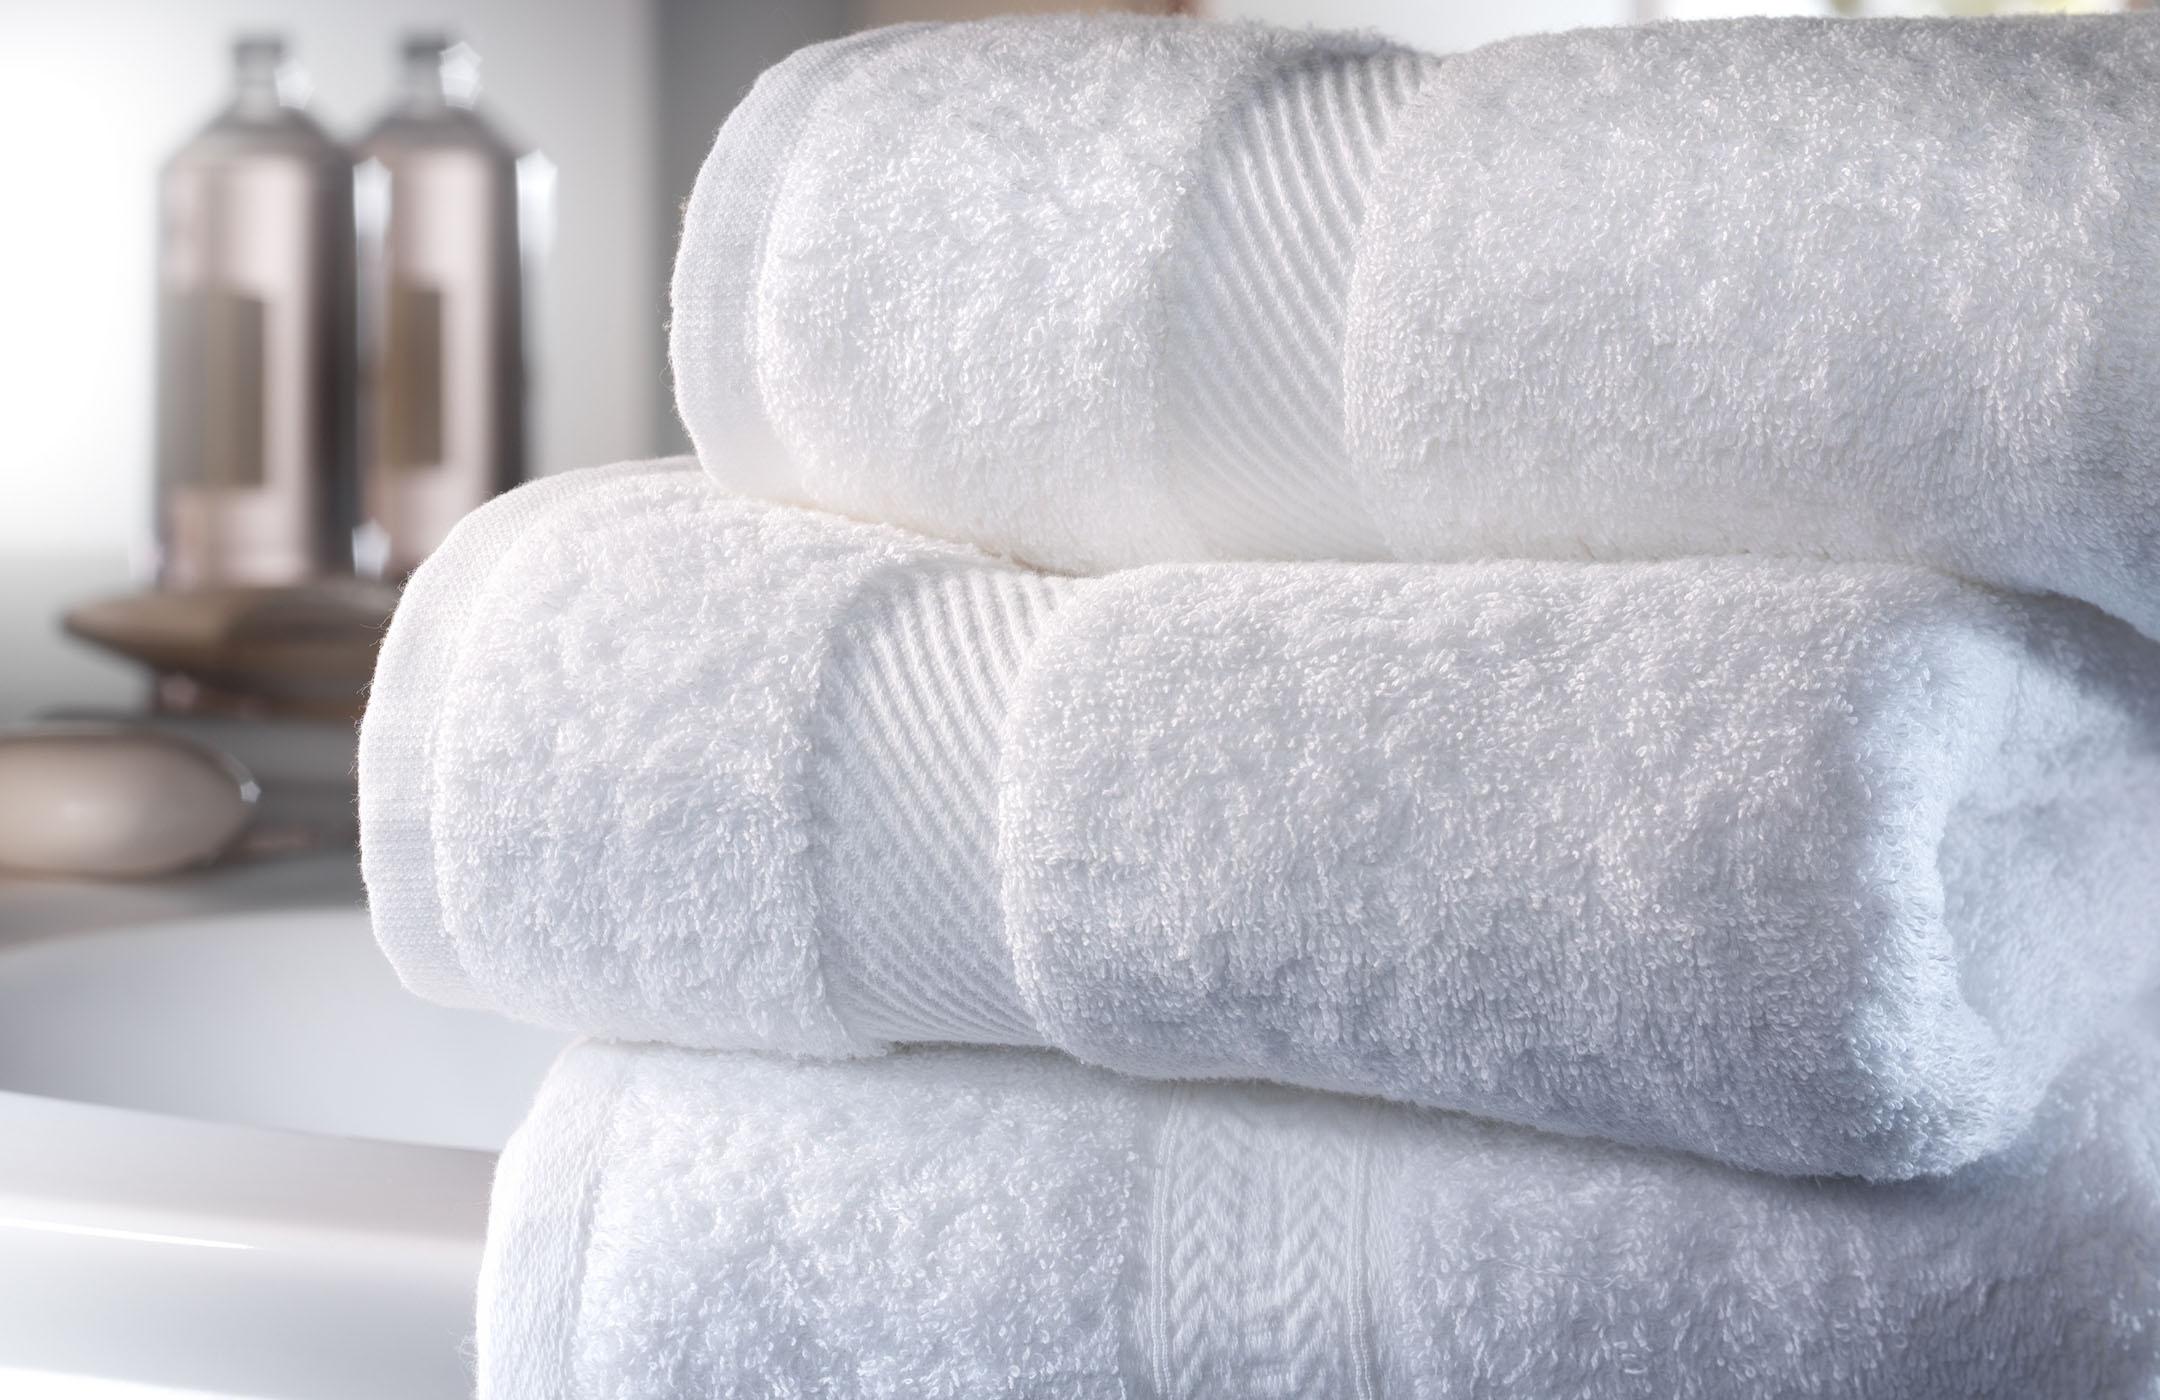 guardaroba da bagno  asciugamani da bagno e accessori  Page 2